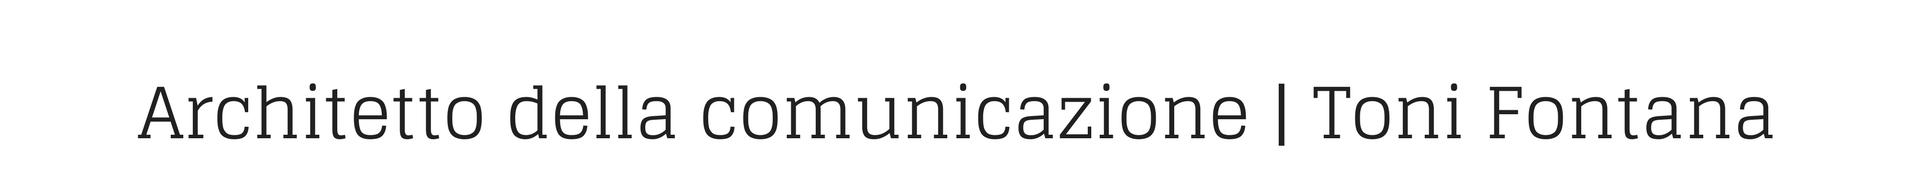 Toni Fontana - Architetto della comunicazione dall'animo social